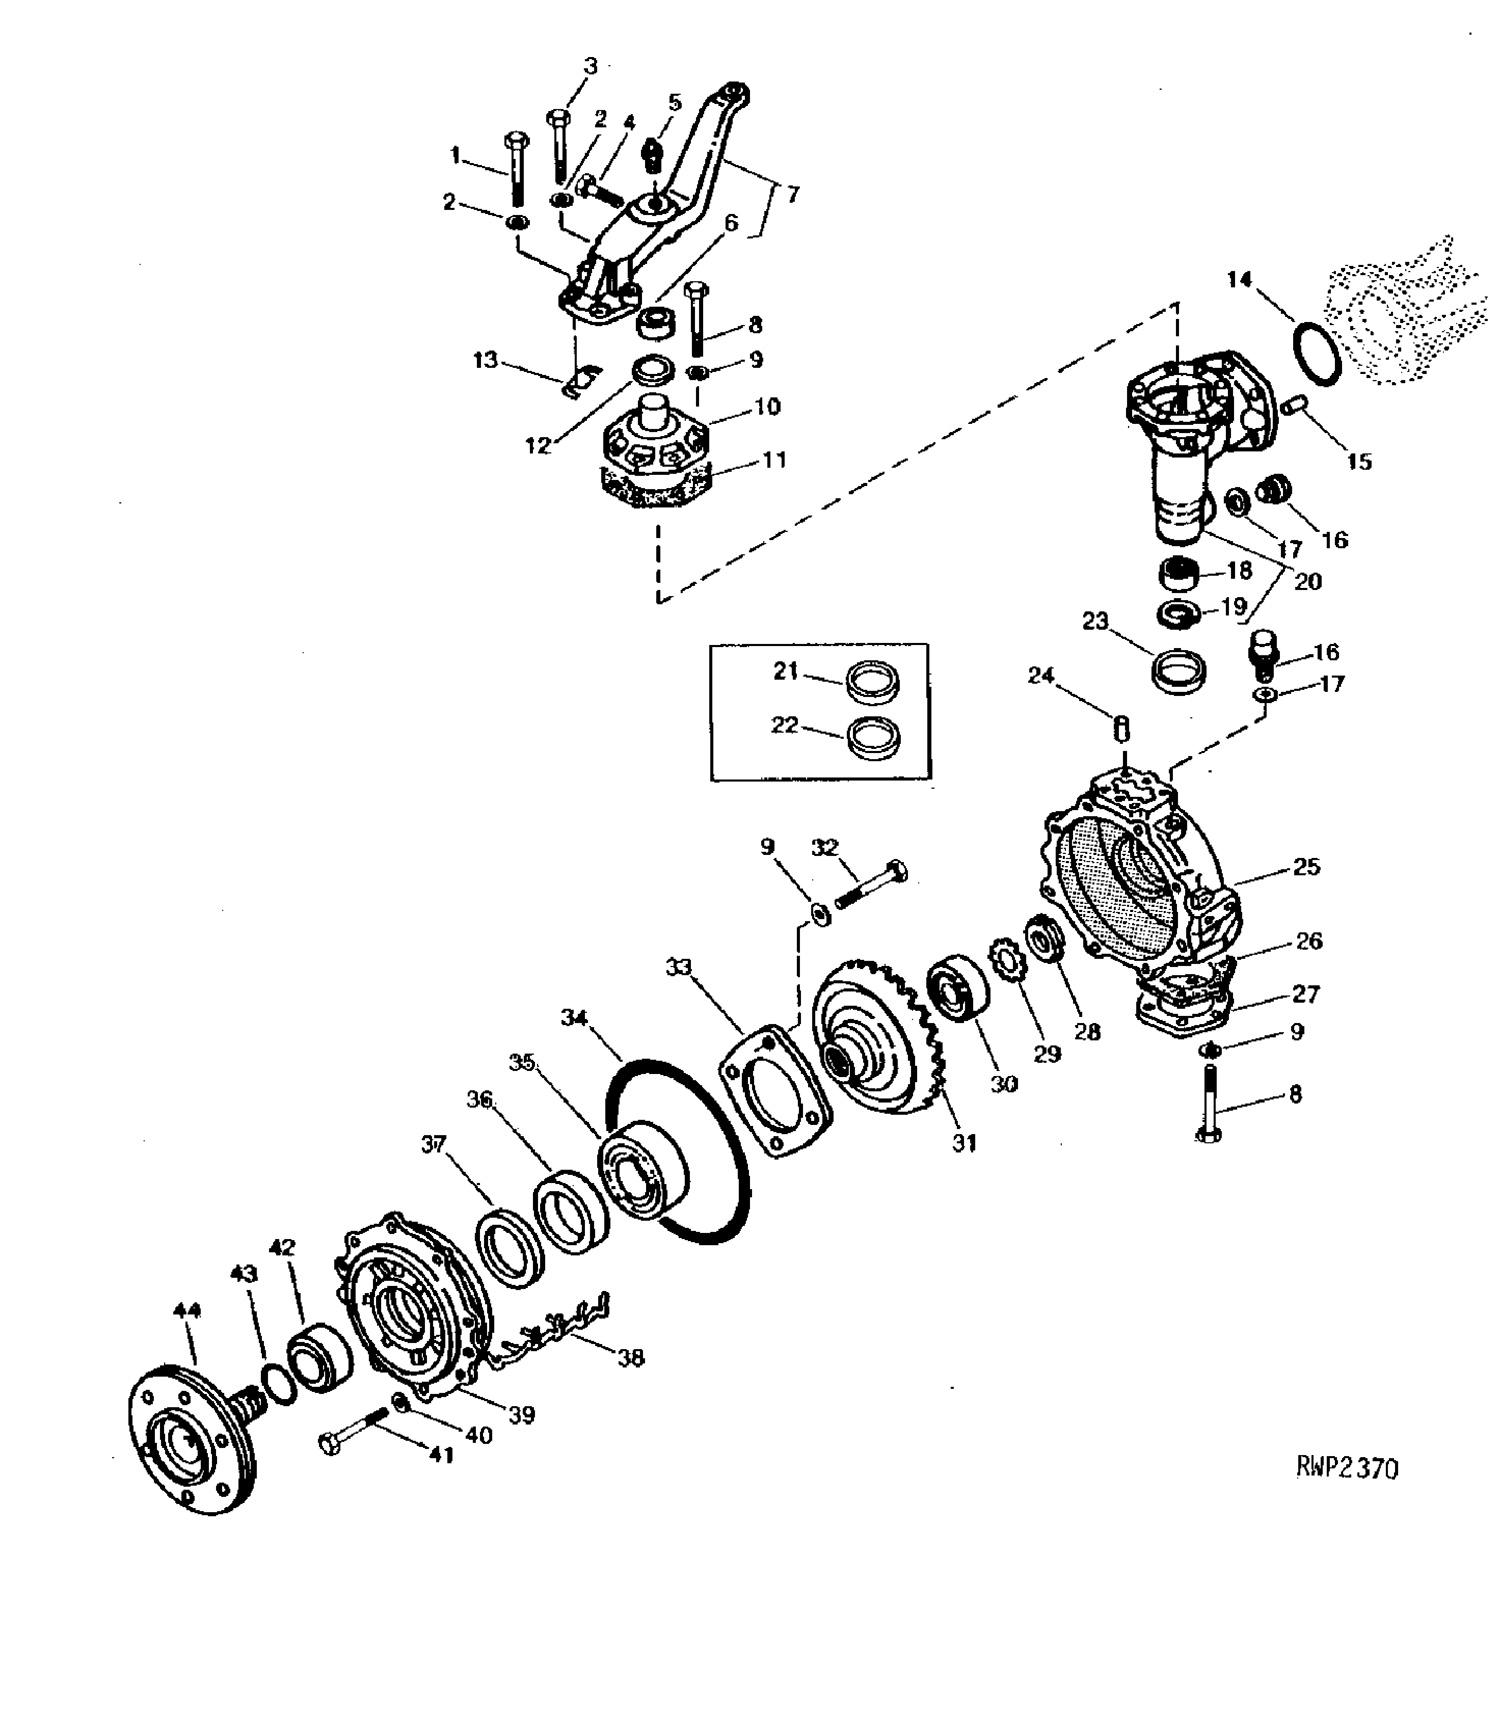 john deere tractor pto wiring diagram john deere 425